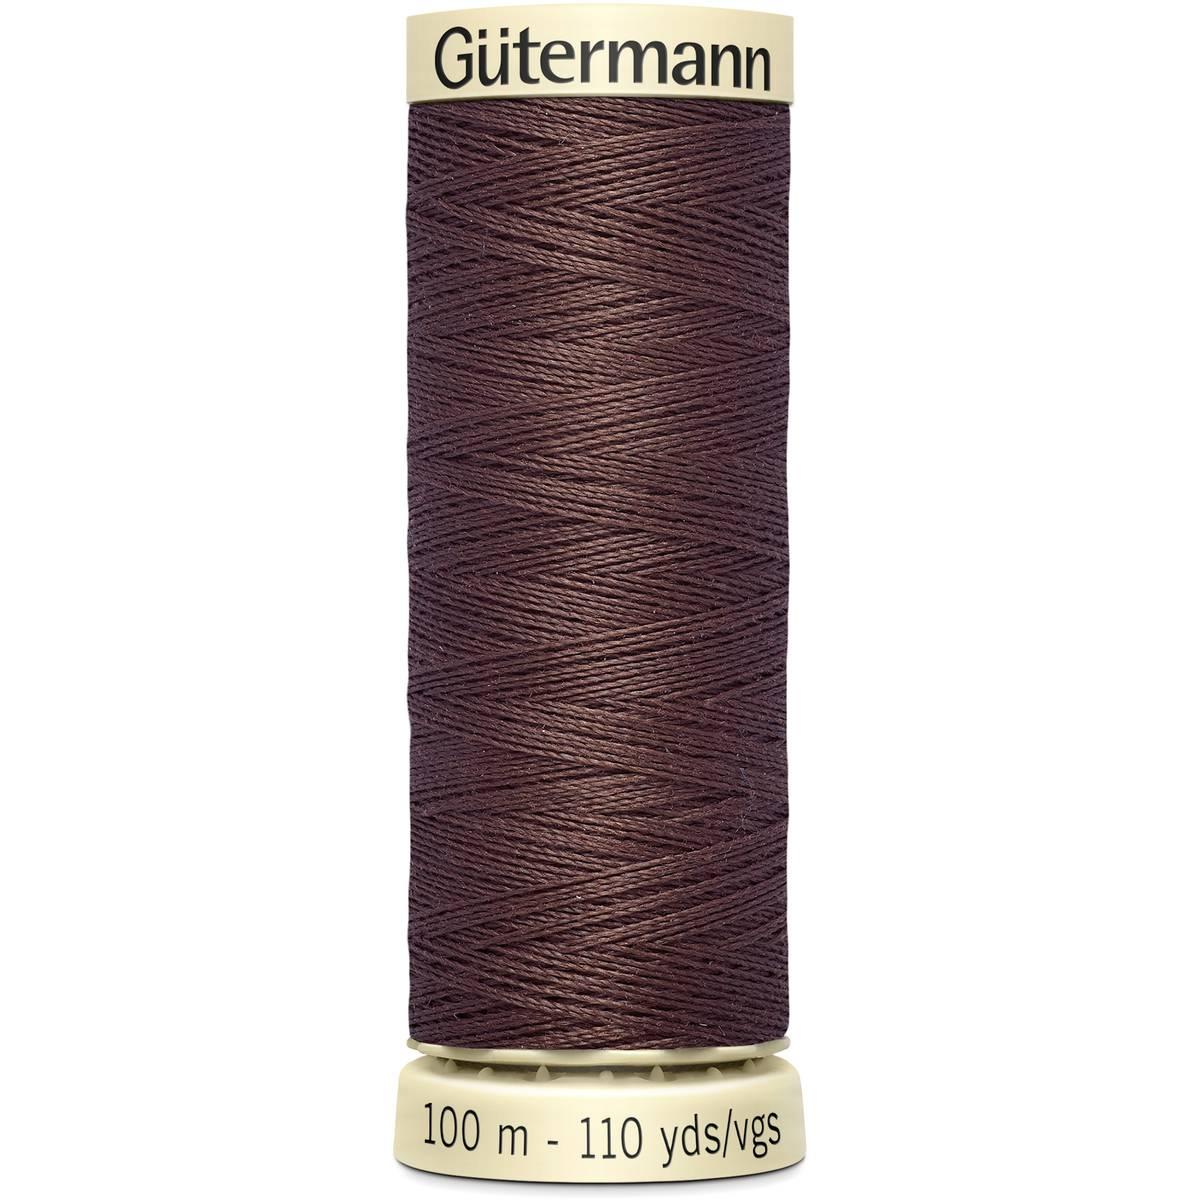 חוט תפירה גוטרמן - Brown 446